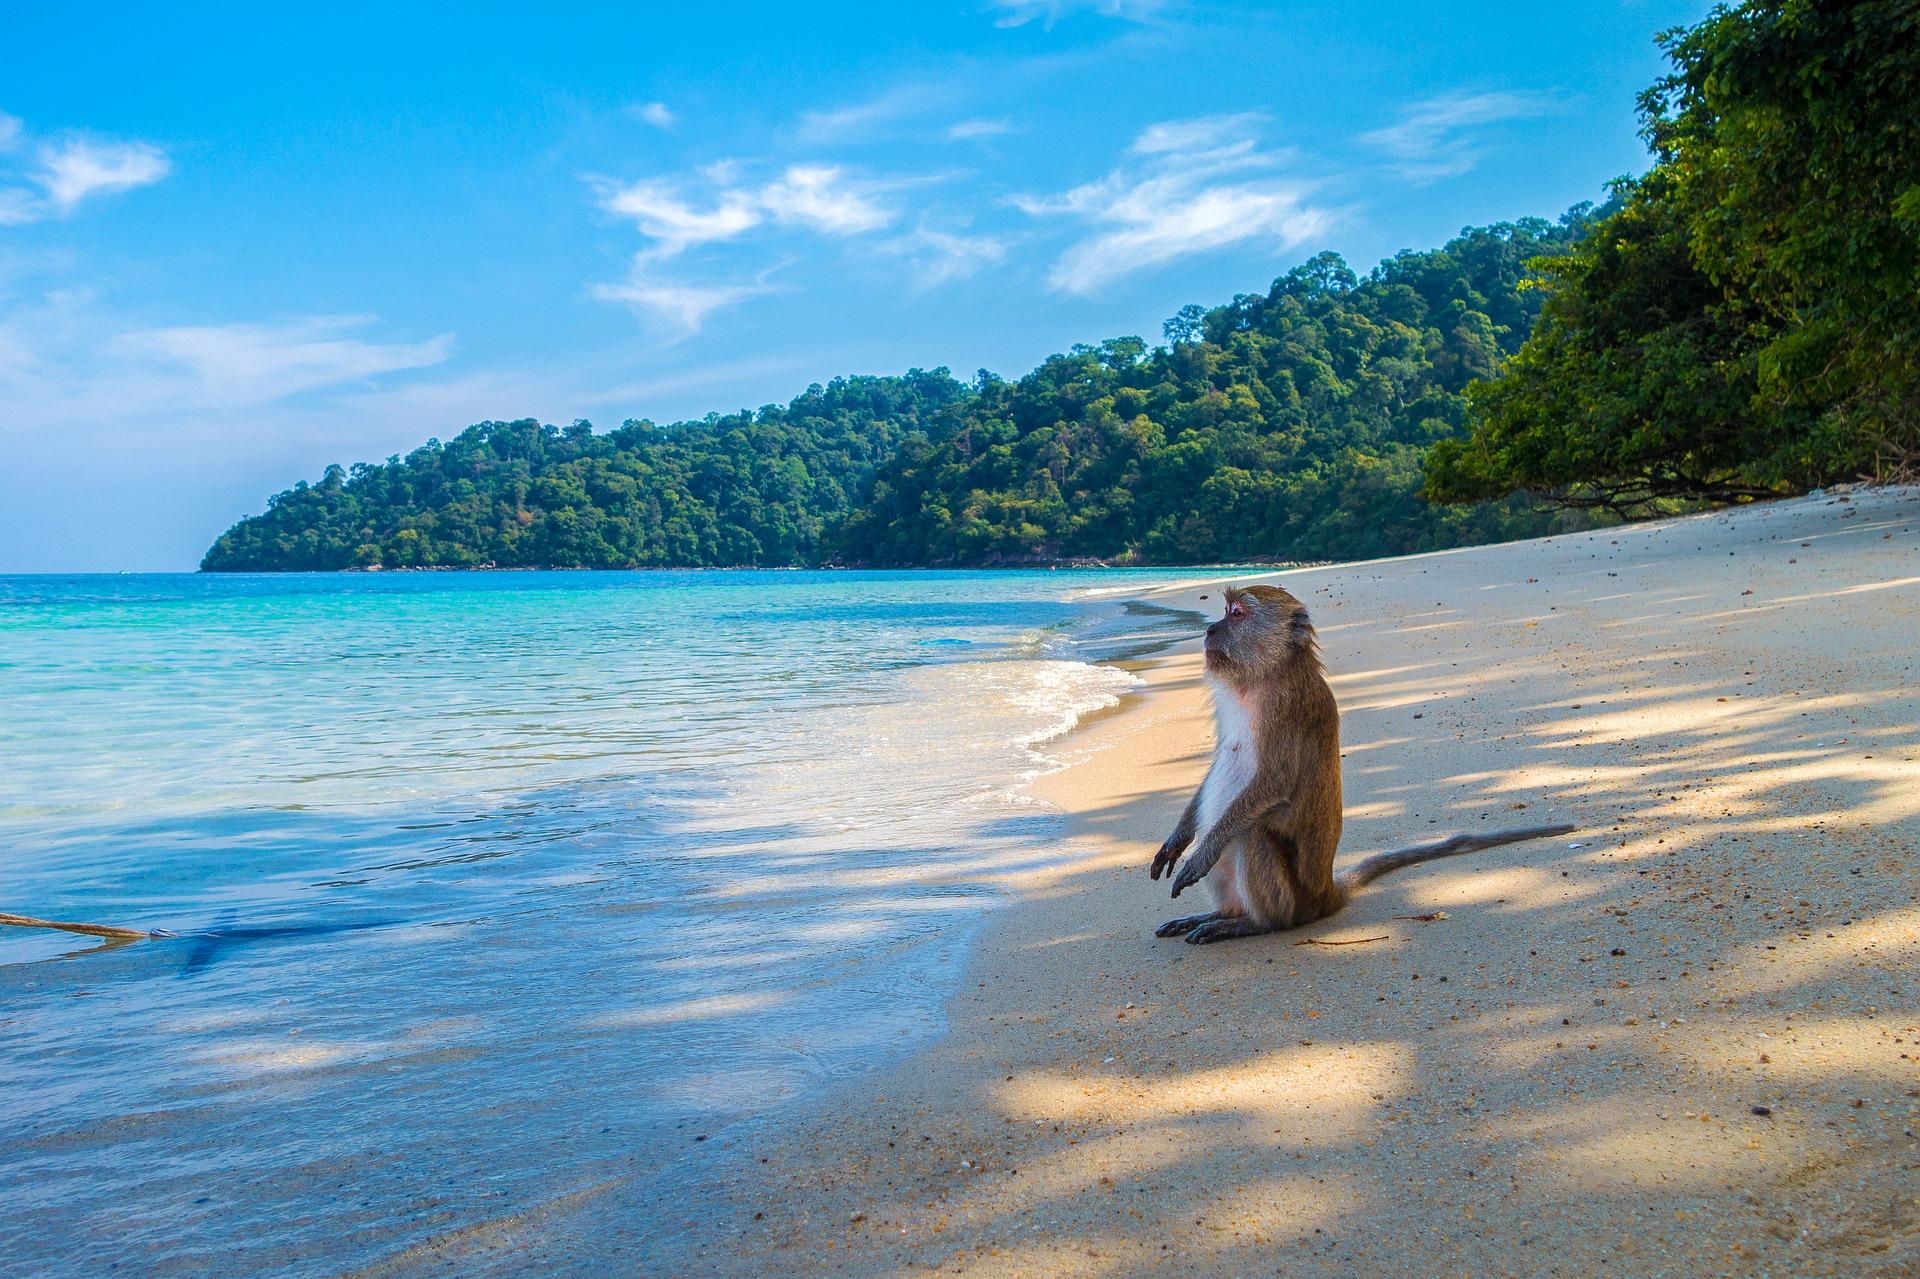 тайланд мавпа на пляжі